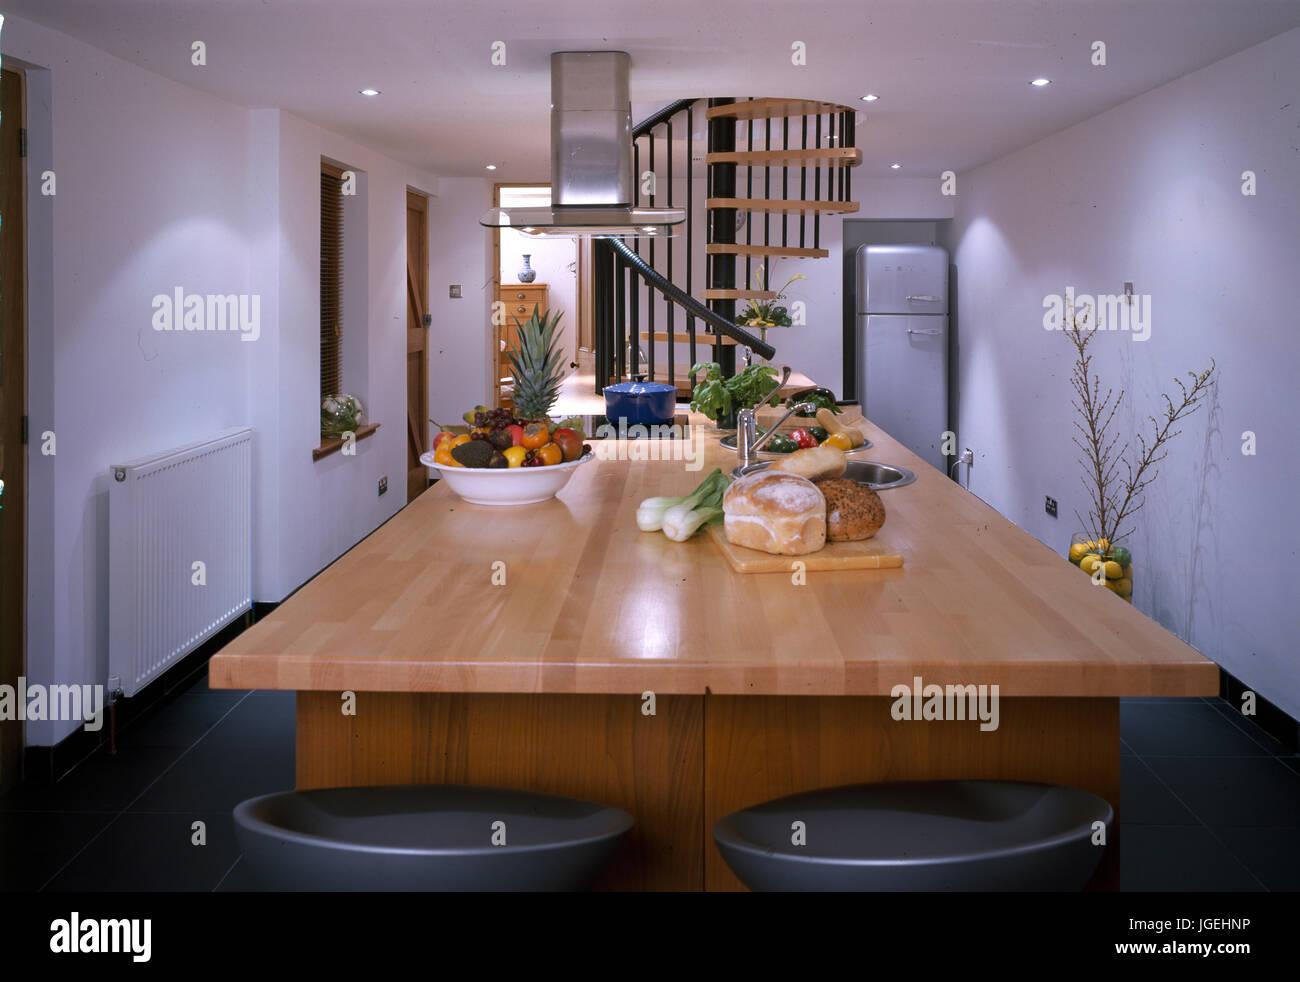 Insel mit Frühstück Bar in der Mitte der modernen Küche Stockfoto ...